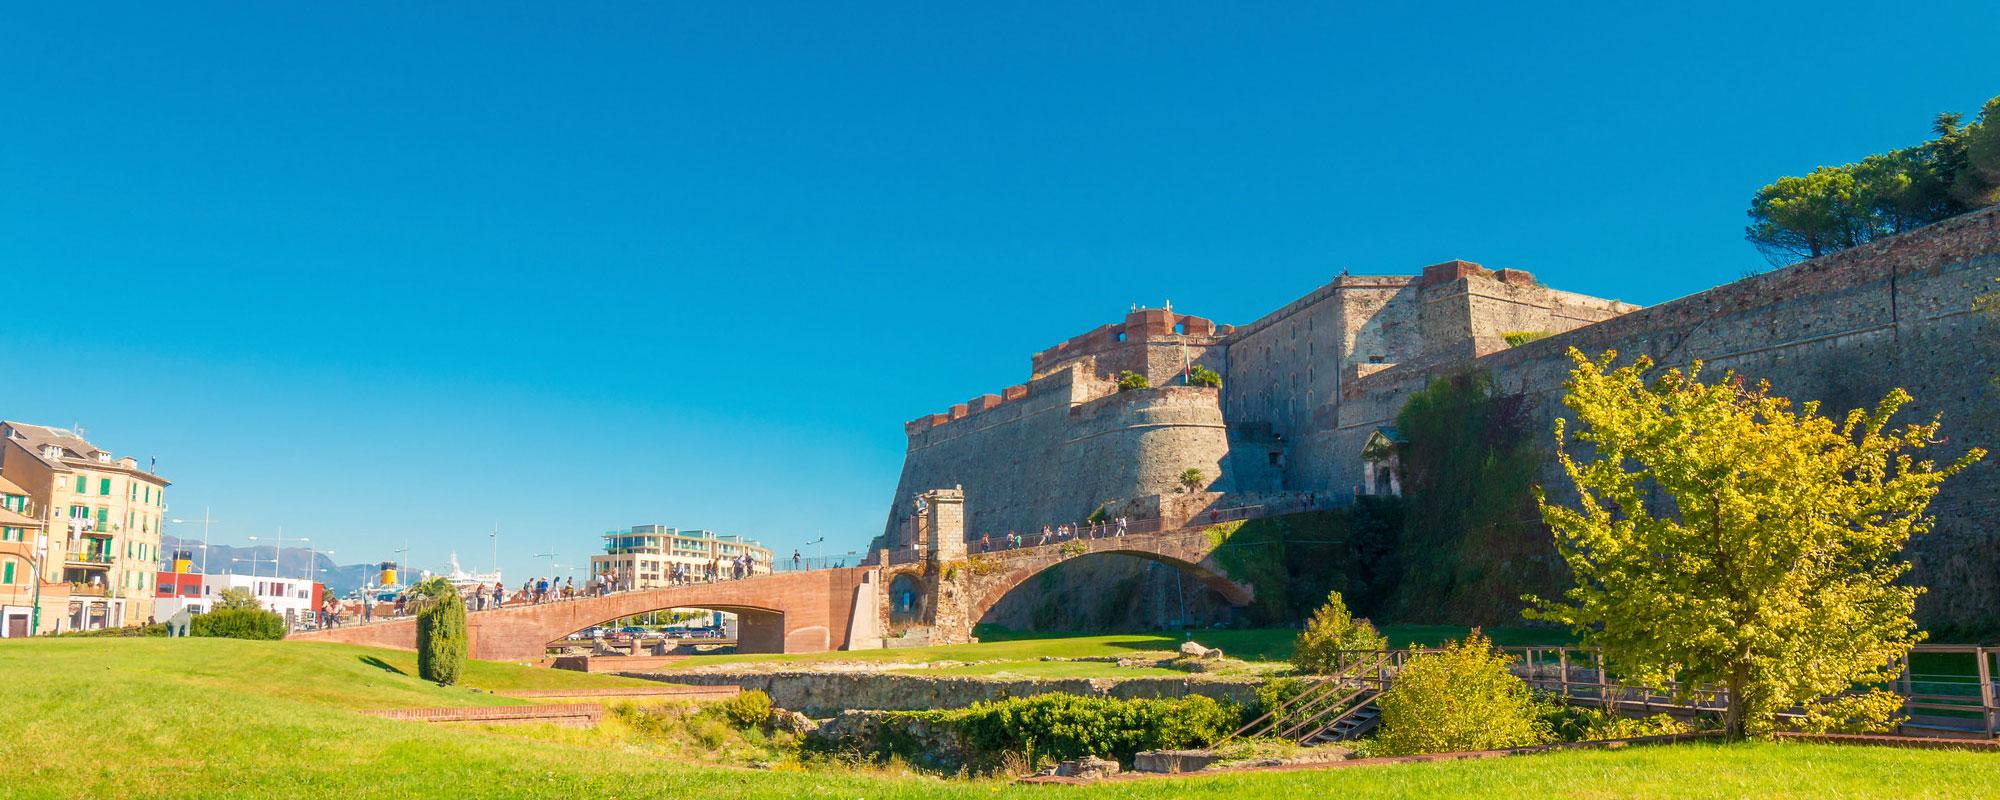 Fortezza del Priamar, Riviera ligure di Ponente, Liguria